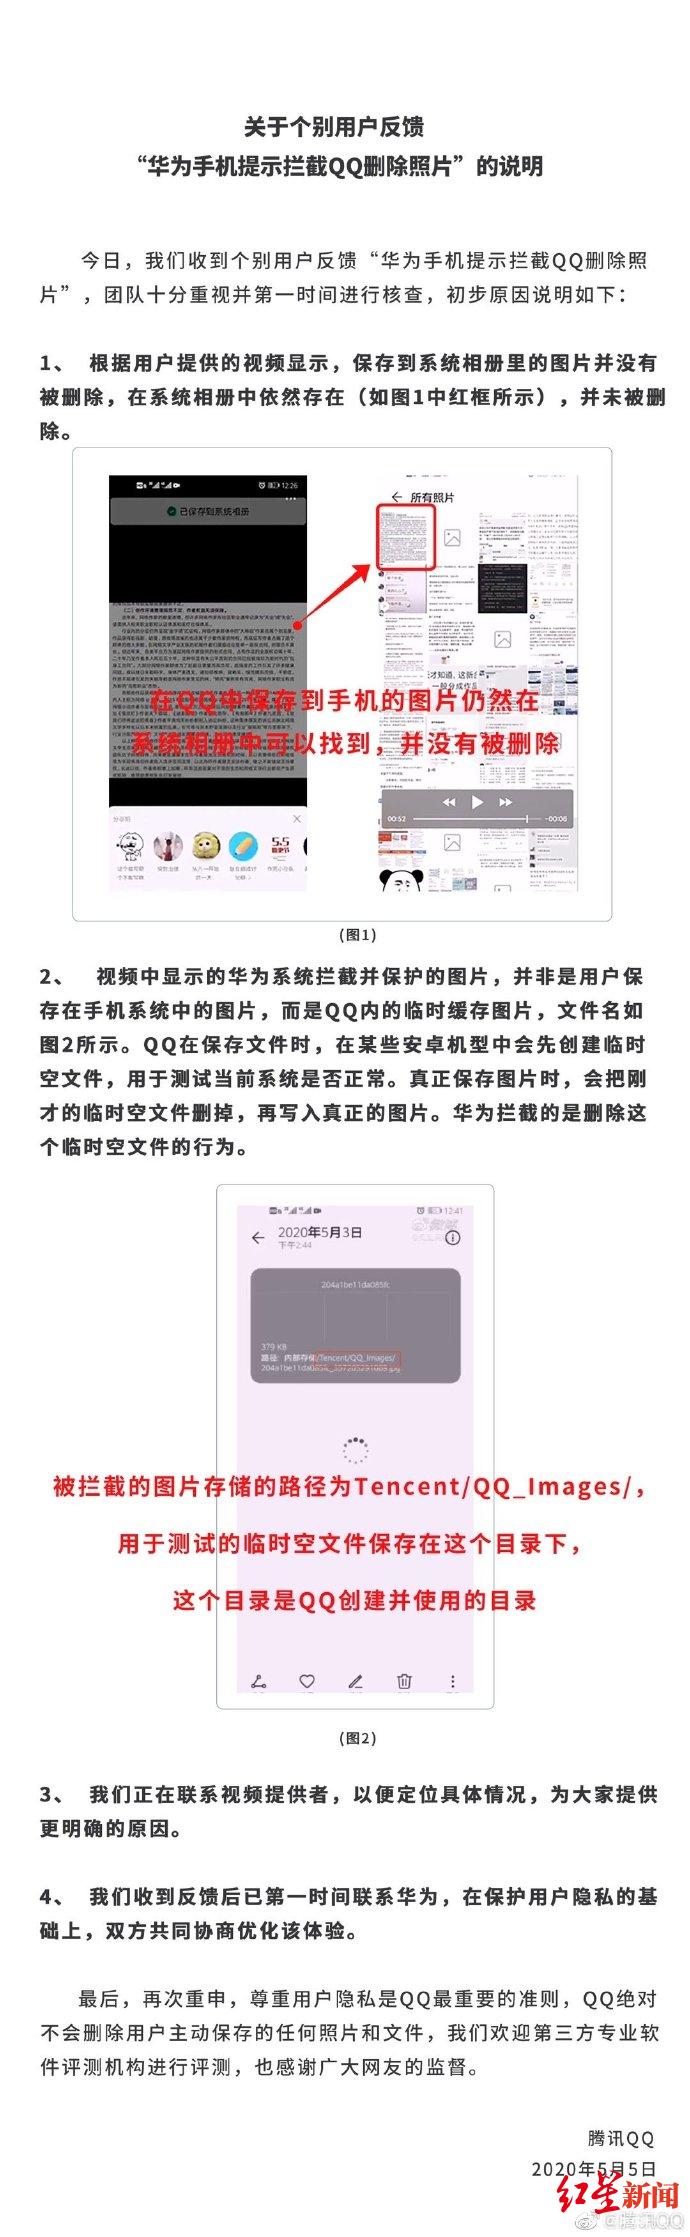 腾讯QQ发布的说明